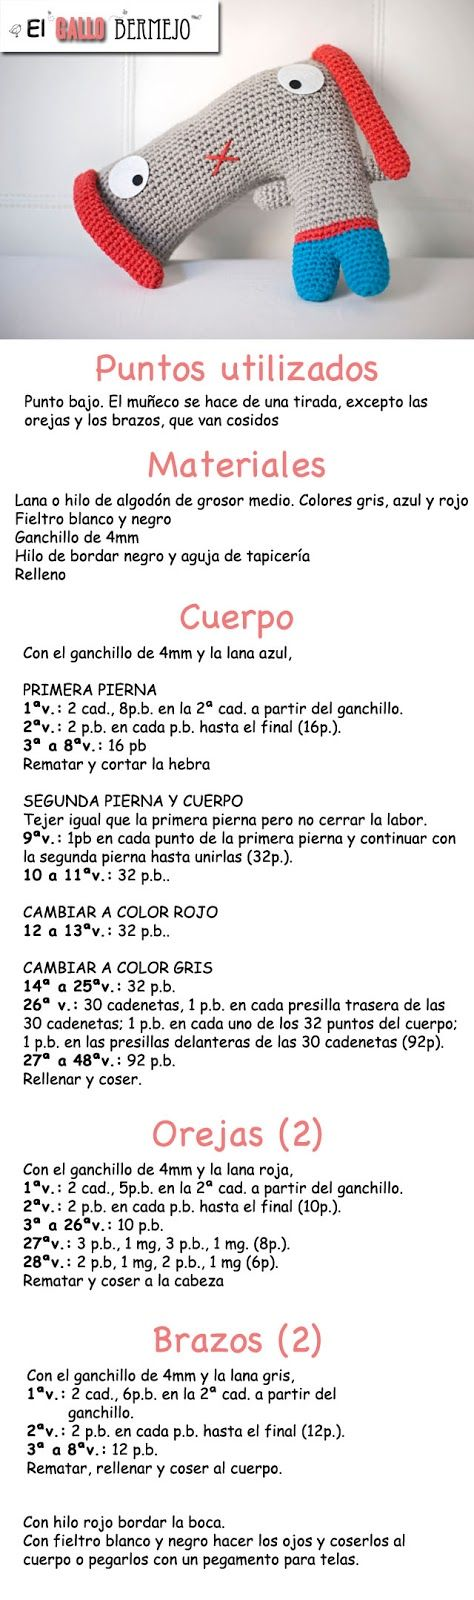 Patrón de 'Doguie the dog' Patrón gratis español - #amigurumi #free #pattern @El Gallo Bermejo